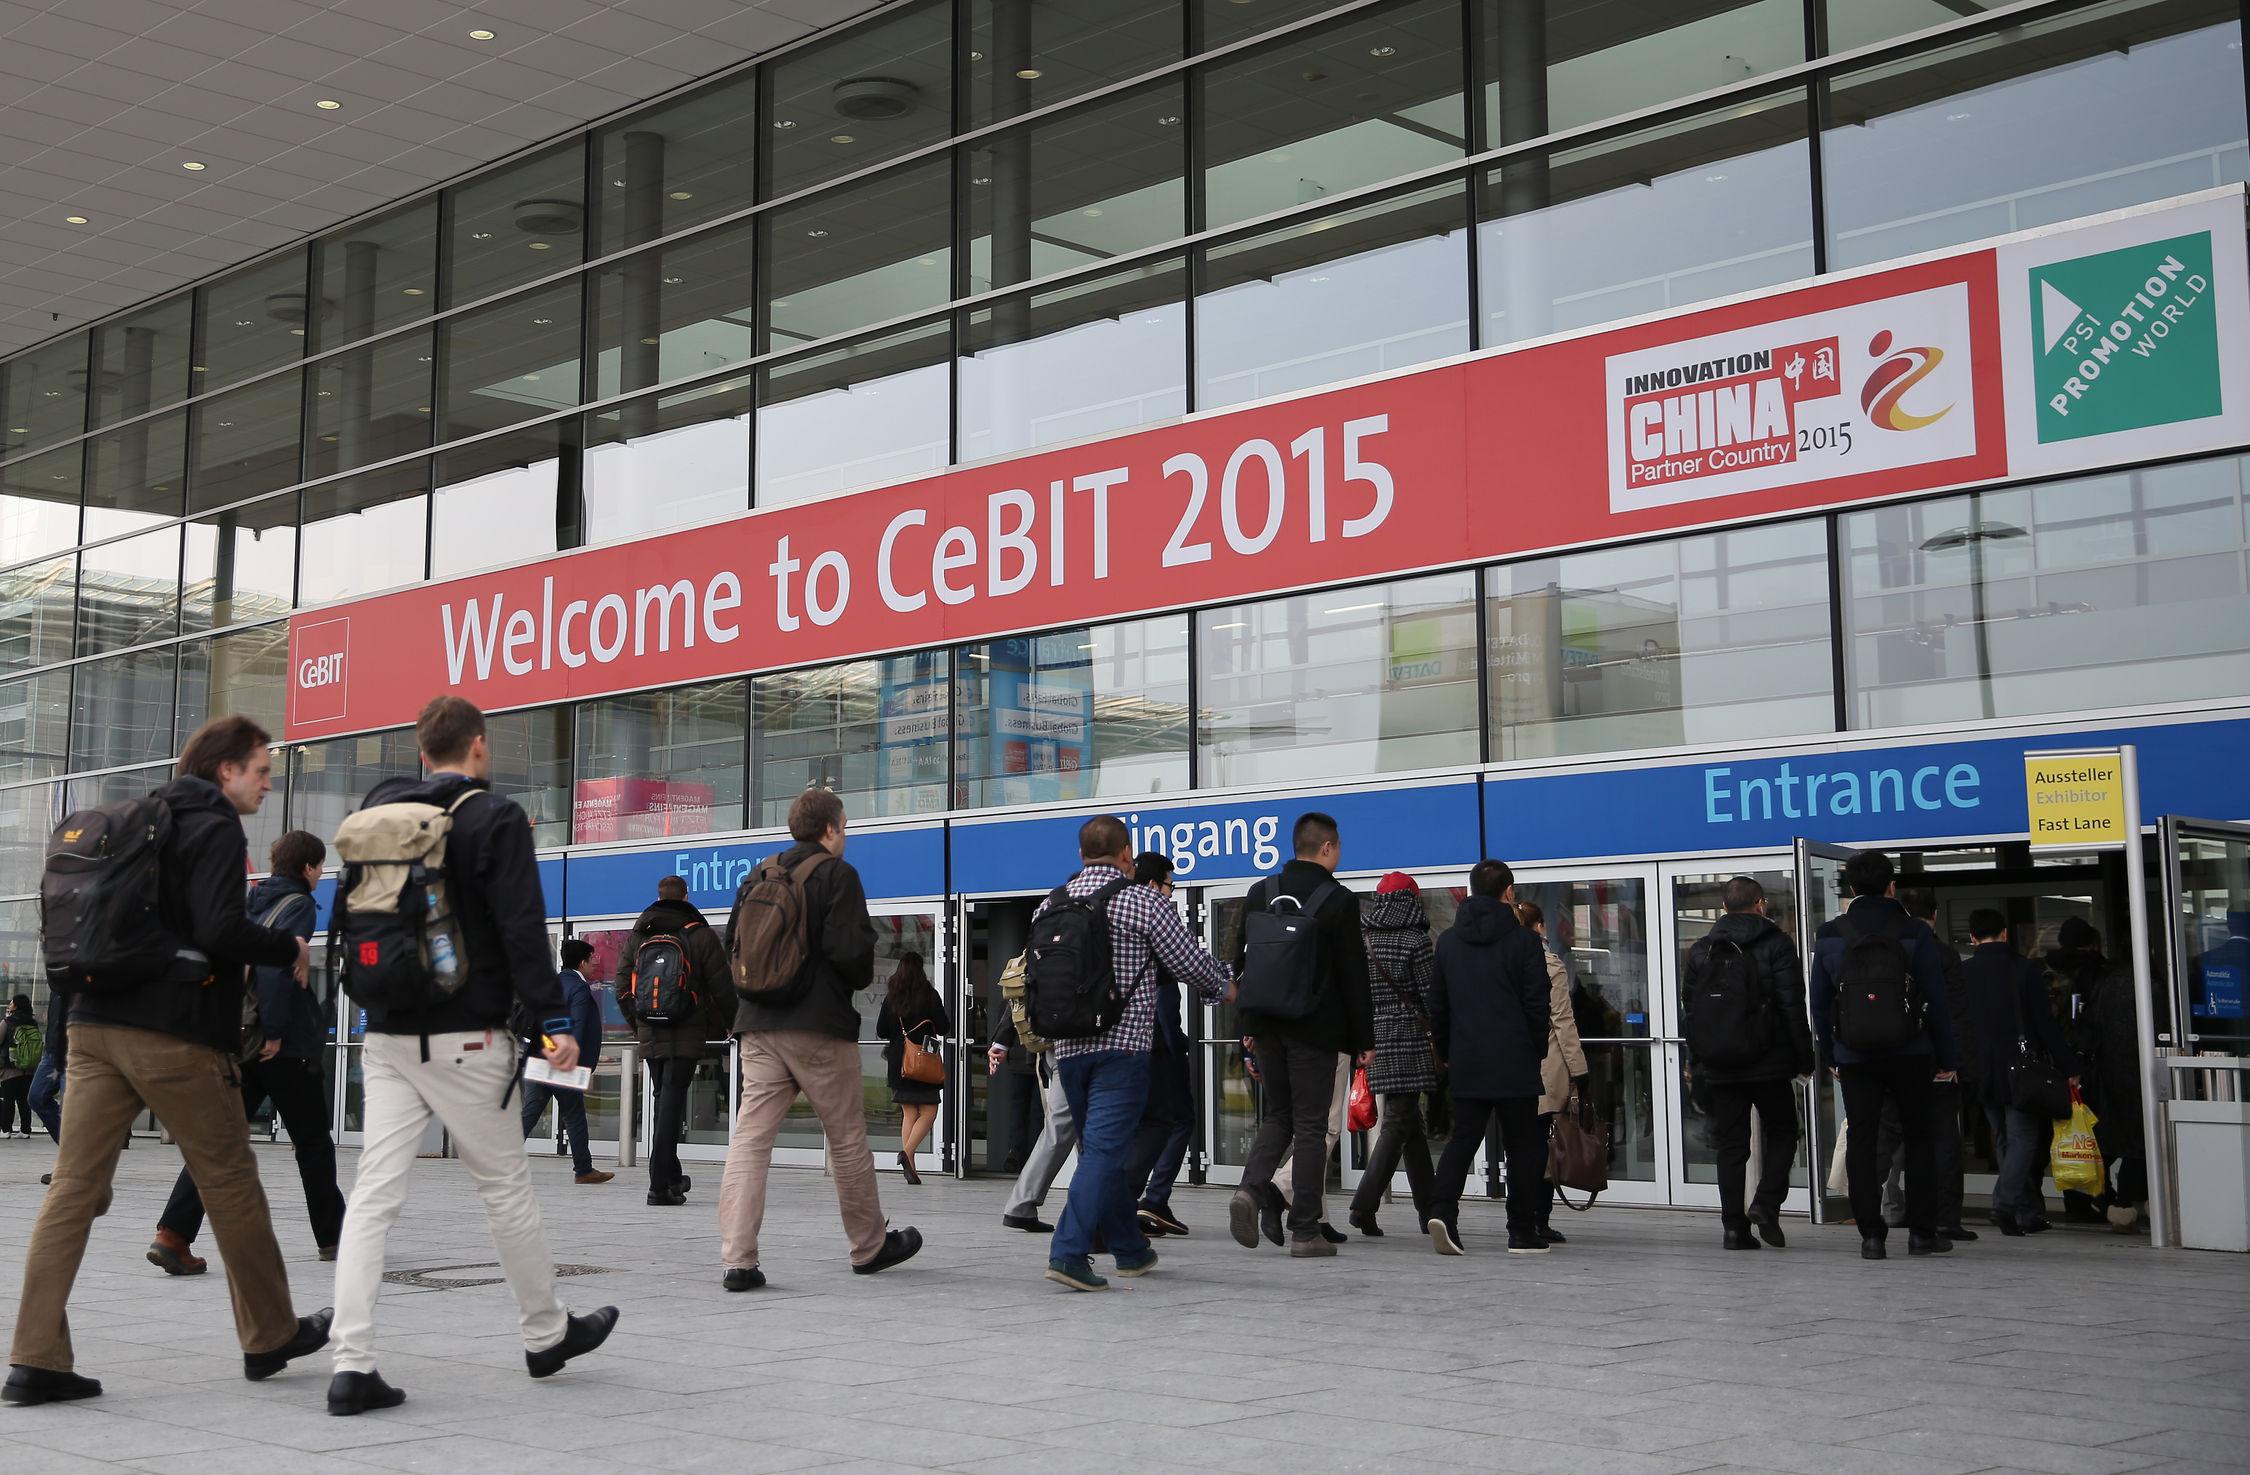 Eingangssituation der CeBIT 2015. (Bild: Deutsche Messe)